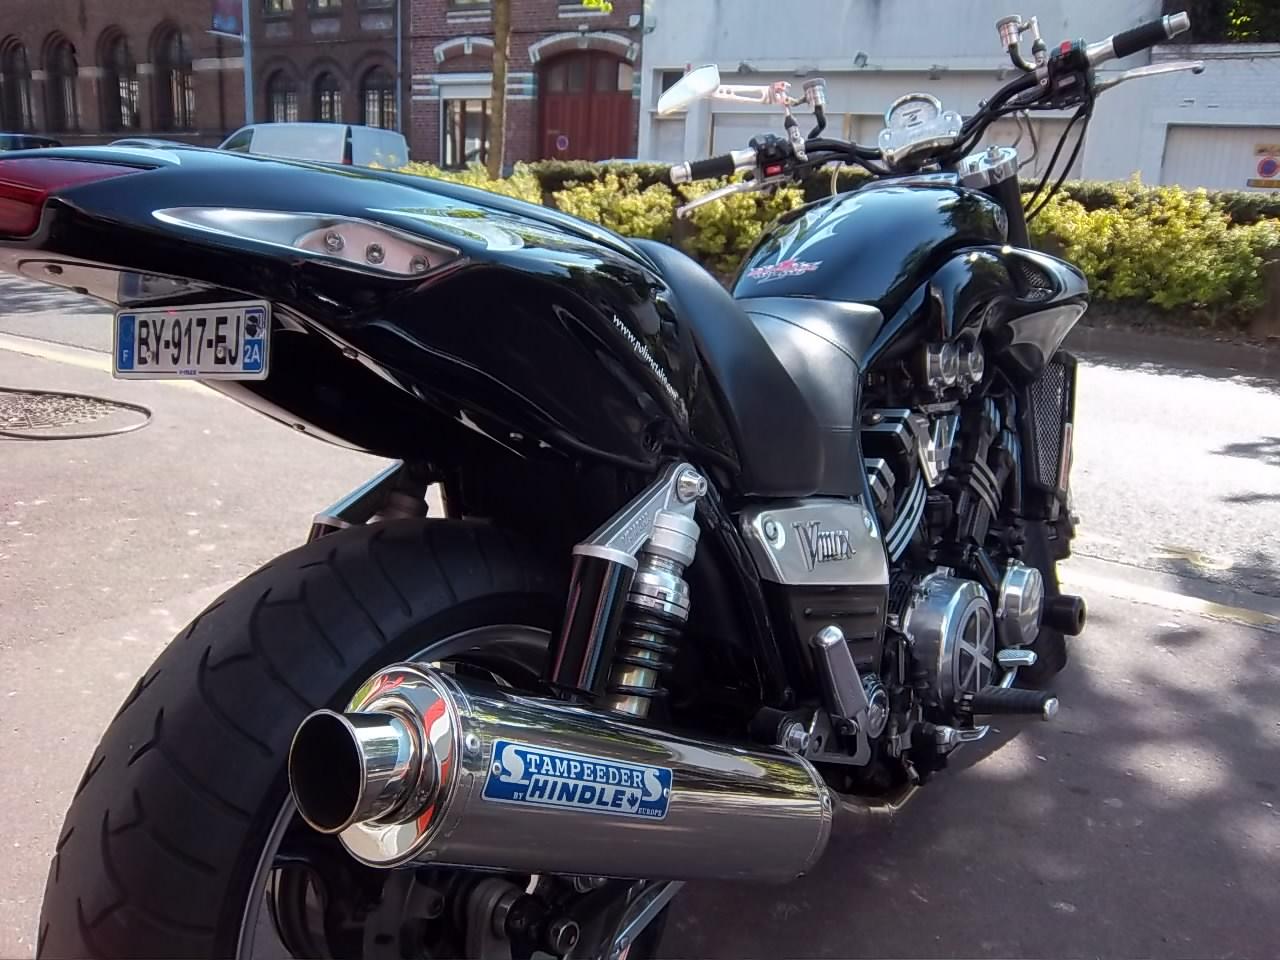 Moto vmax occasion france